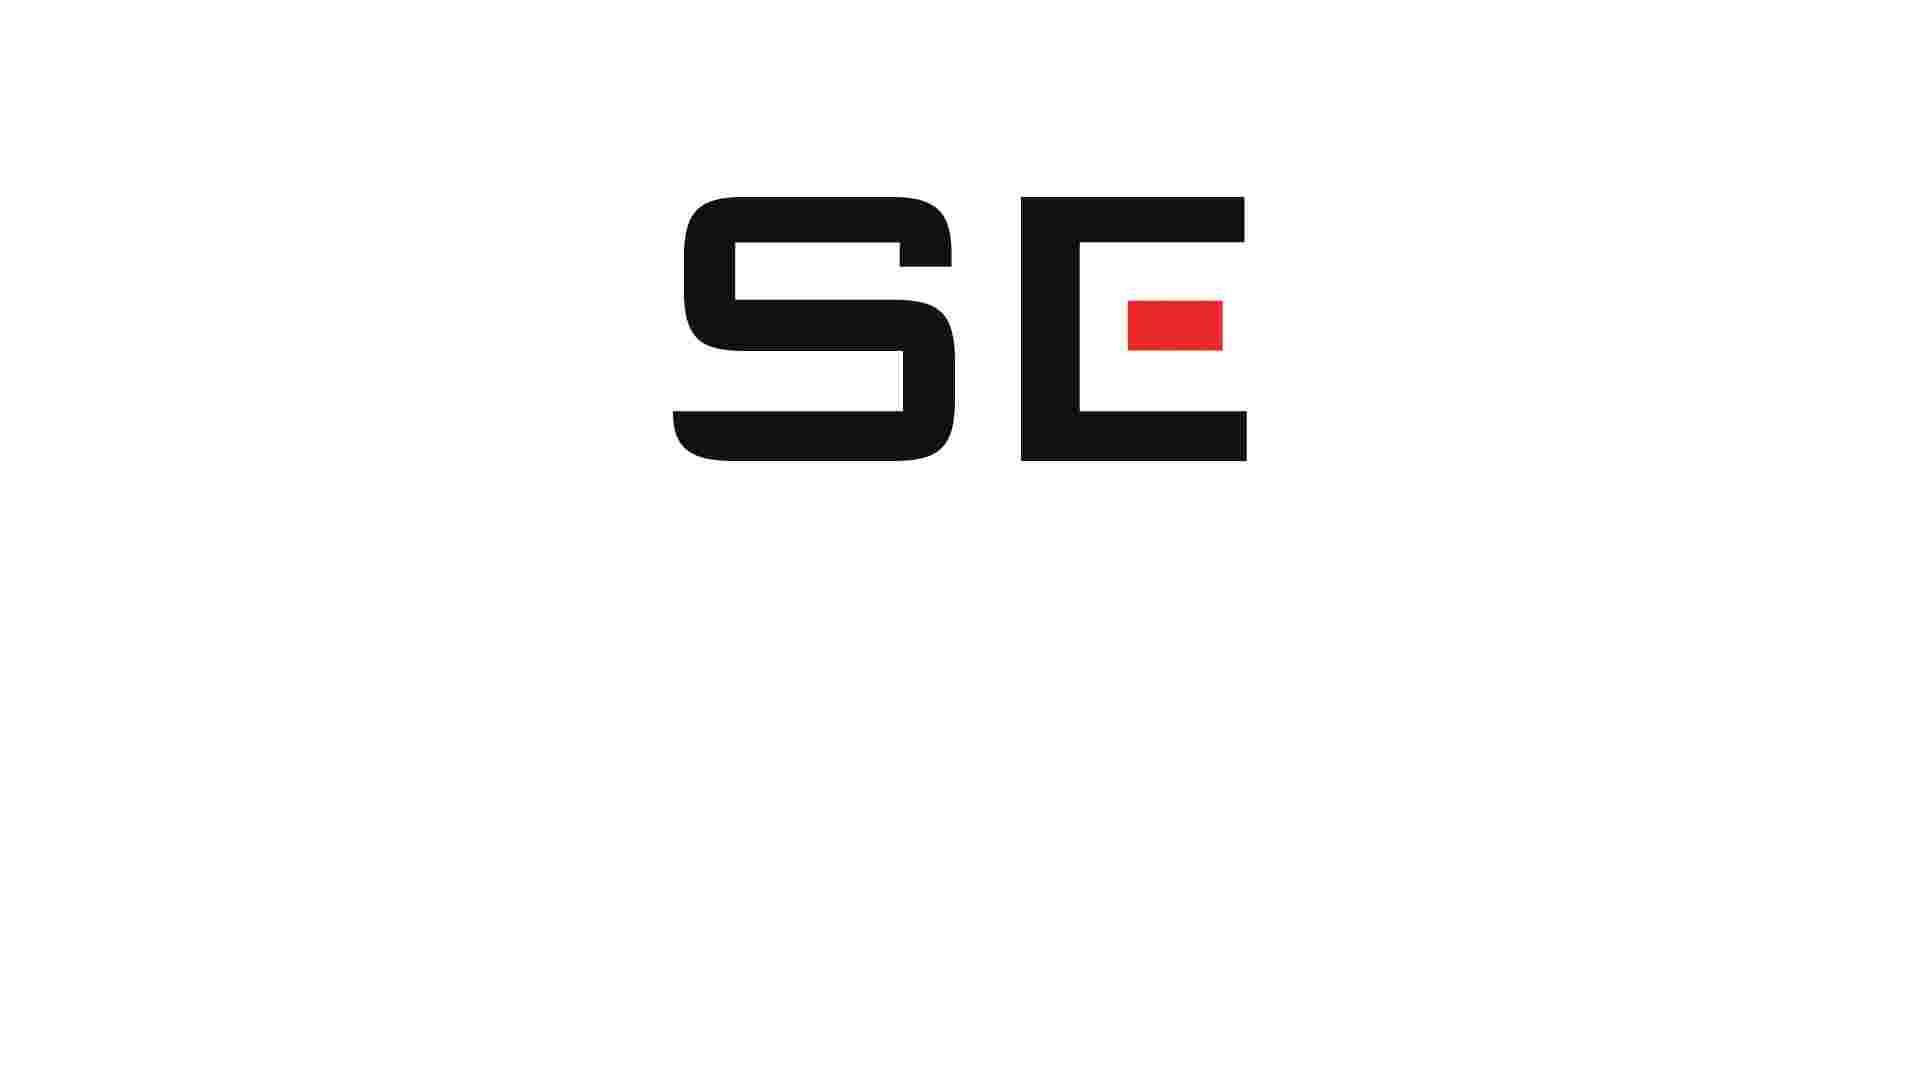 square-enix-e3-2015